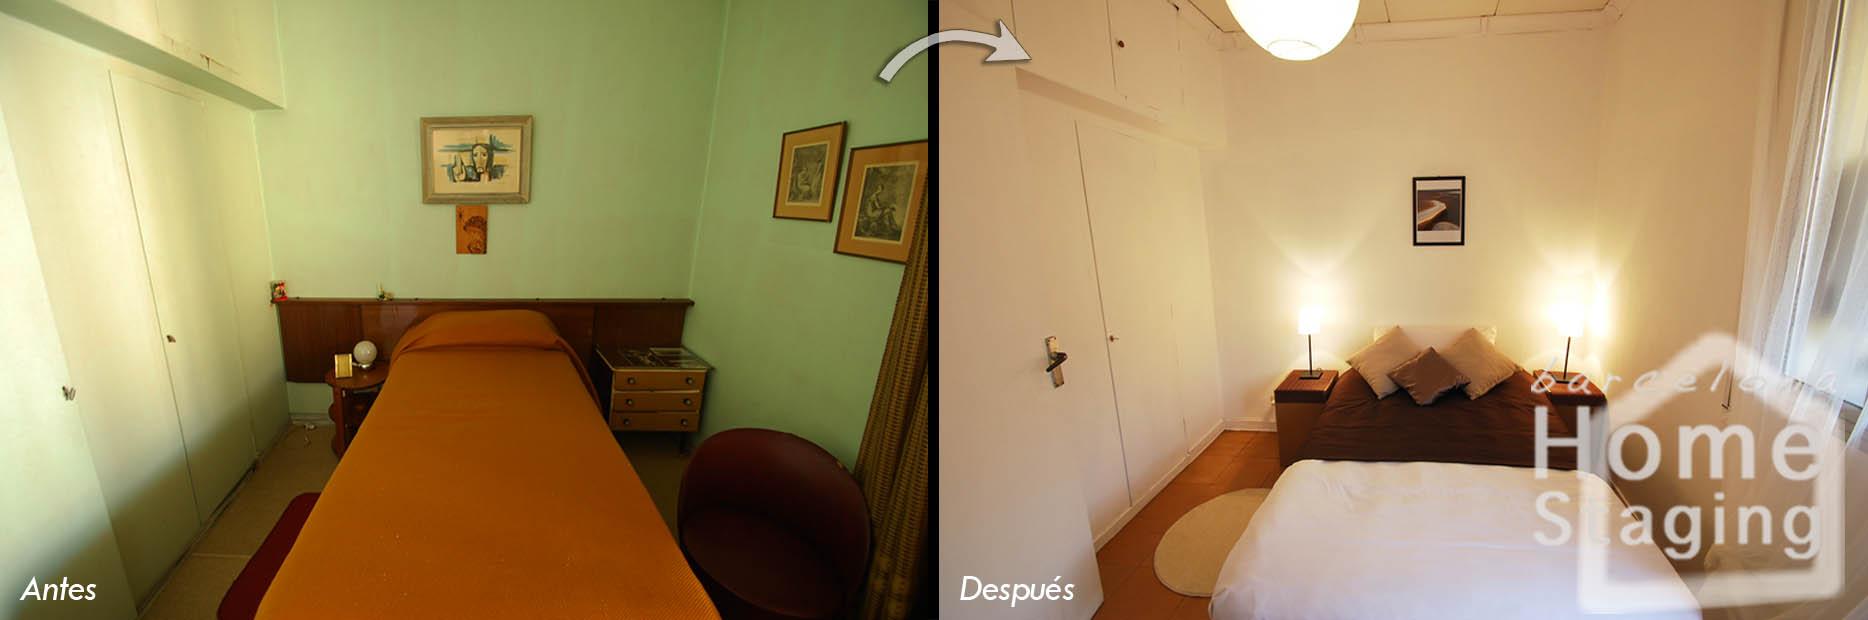 12 1 ejemplos de c mo mejorar la decoraci n de una casa - Home staging barcelona ...